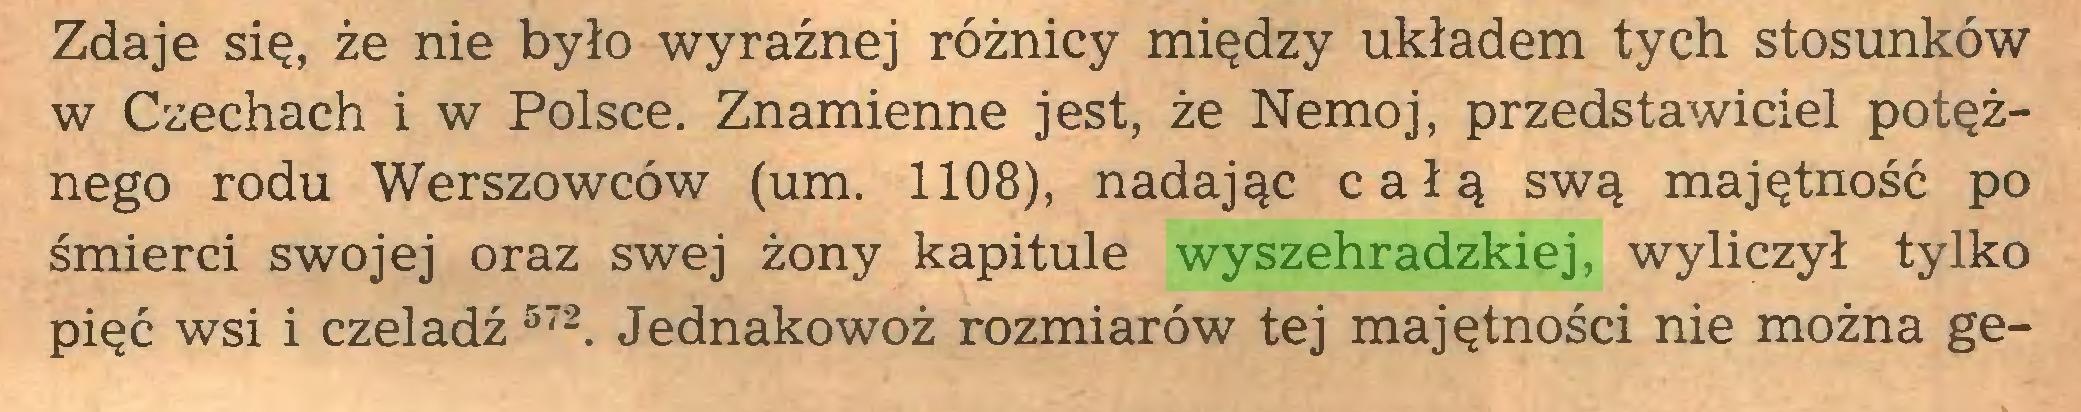 (...) Zdaje się, że nie było wyraźnej różnicy między układem tych stosunków w Czechach i w Polsce. Znamienne jest, że Nemoj, przedstawiciel potężnego rodu Werszowców (um. 1108), nadając całą swą majętność po śmierci swojej oraz swej żony kapitule wyszehradzkiej, wyliczył tylko pięć wsi i czeladź 572. Jednakowoż rozmiarów tej majętności nie można ge...